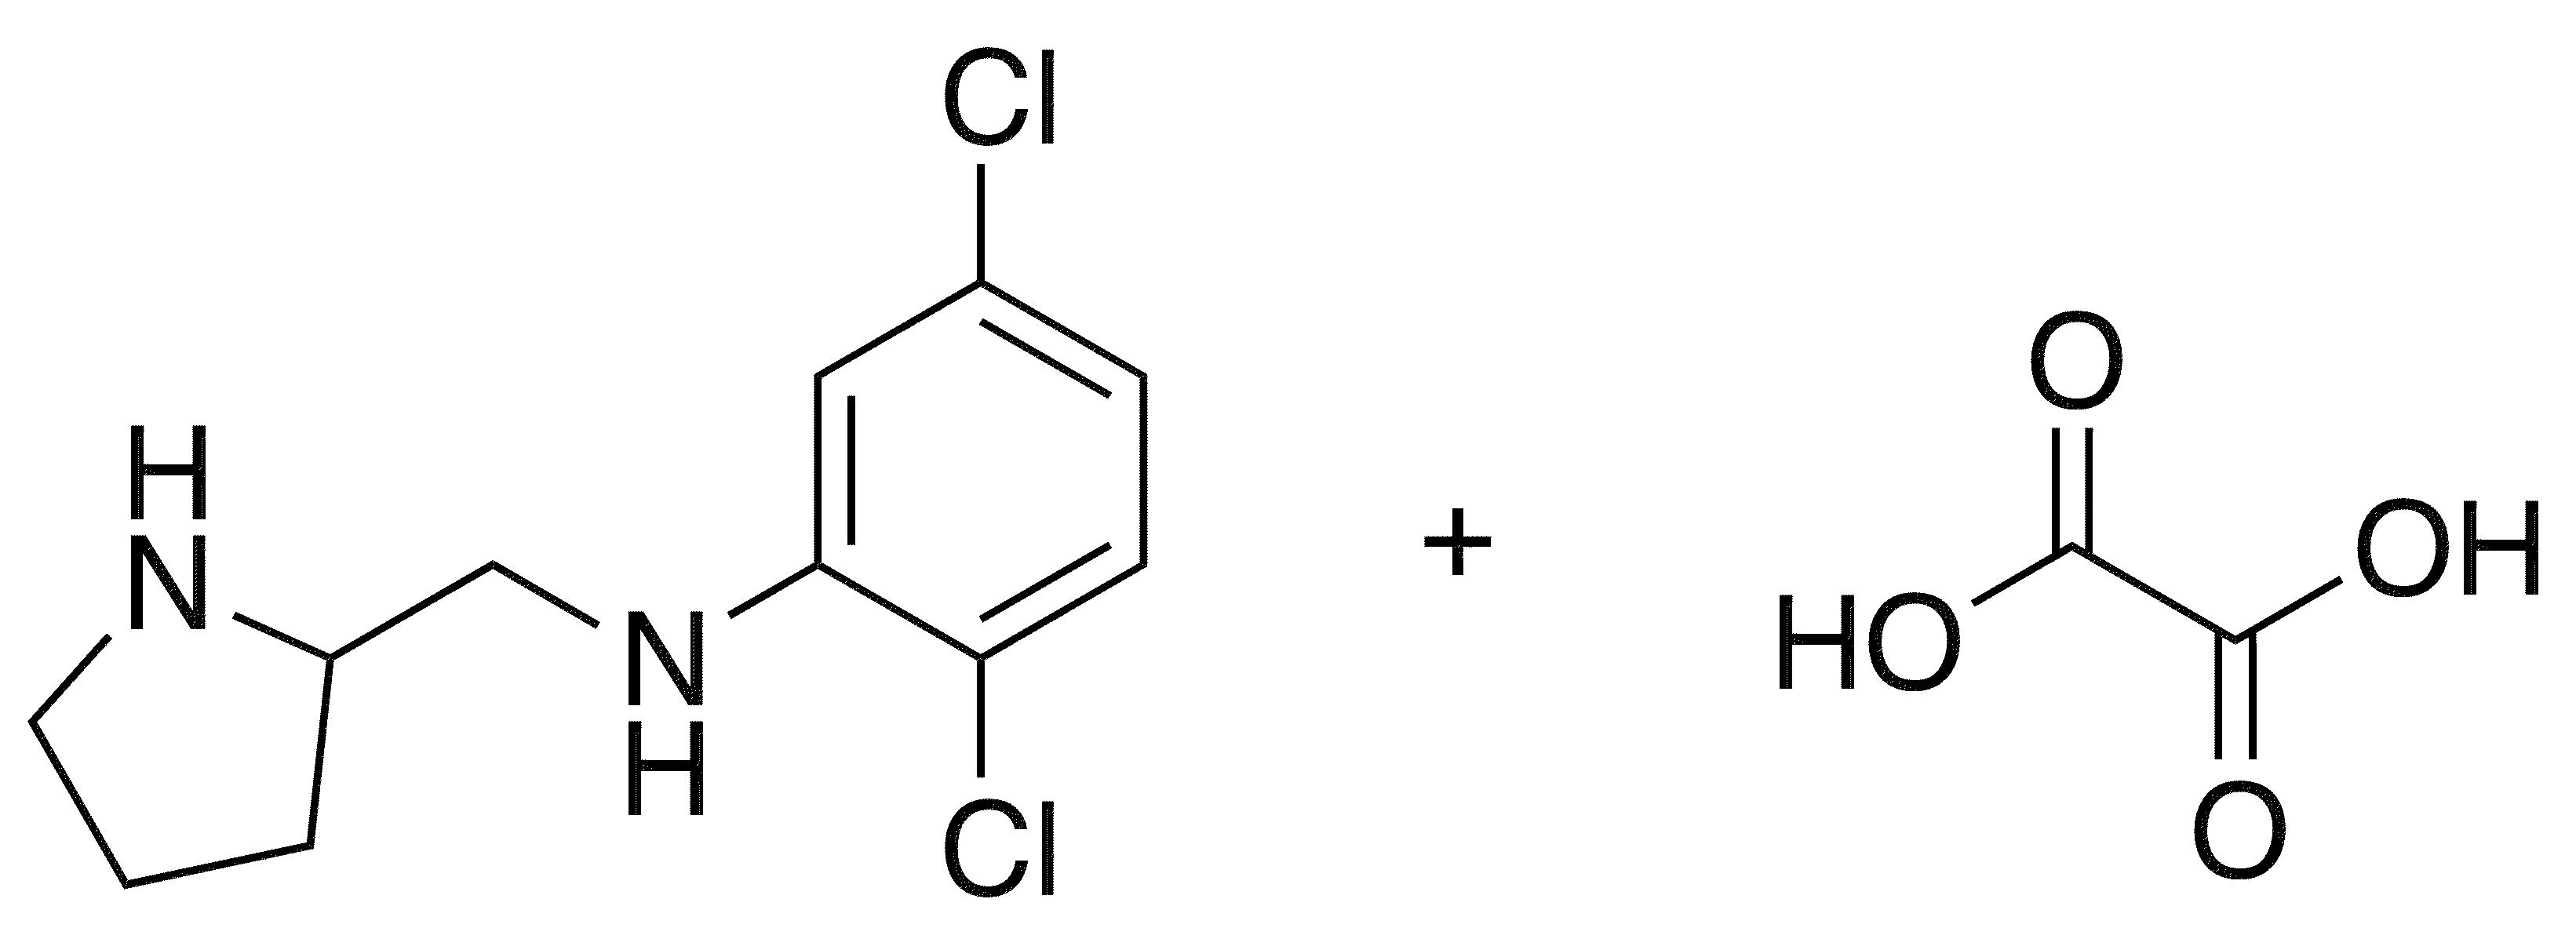 2,5-Dichloro-n-(2-pyrrolidinylmethyl)aniline Oxalate